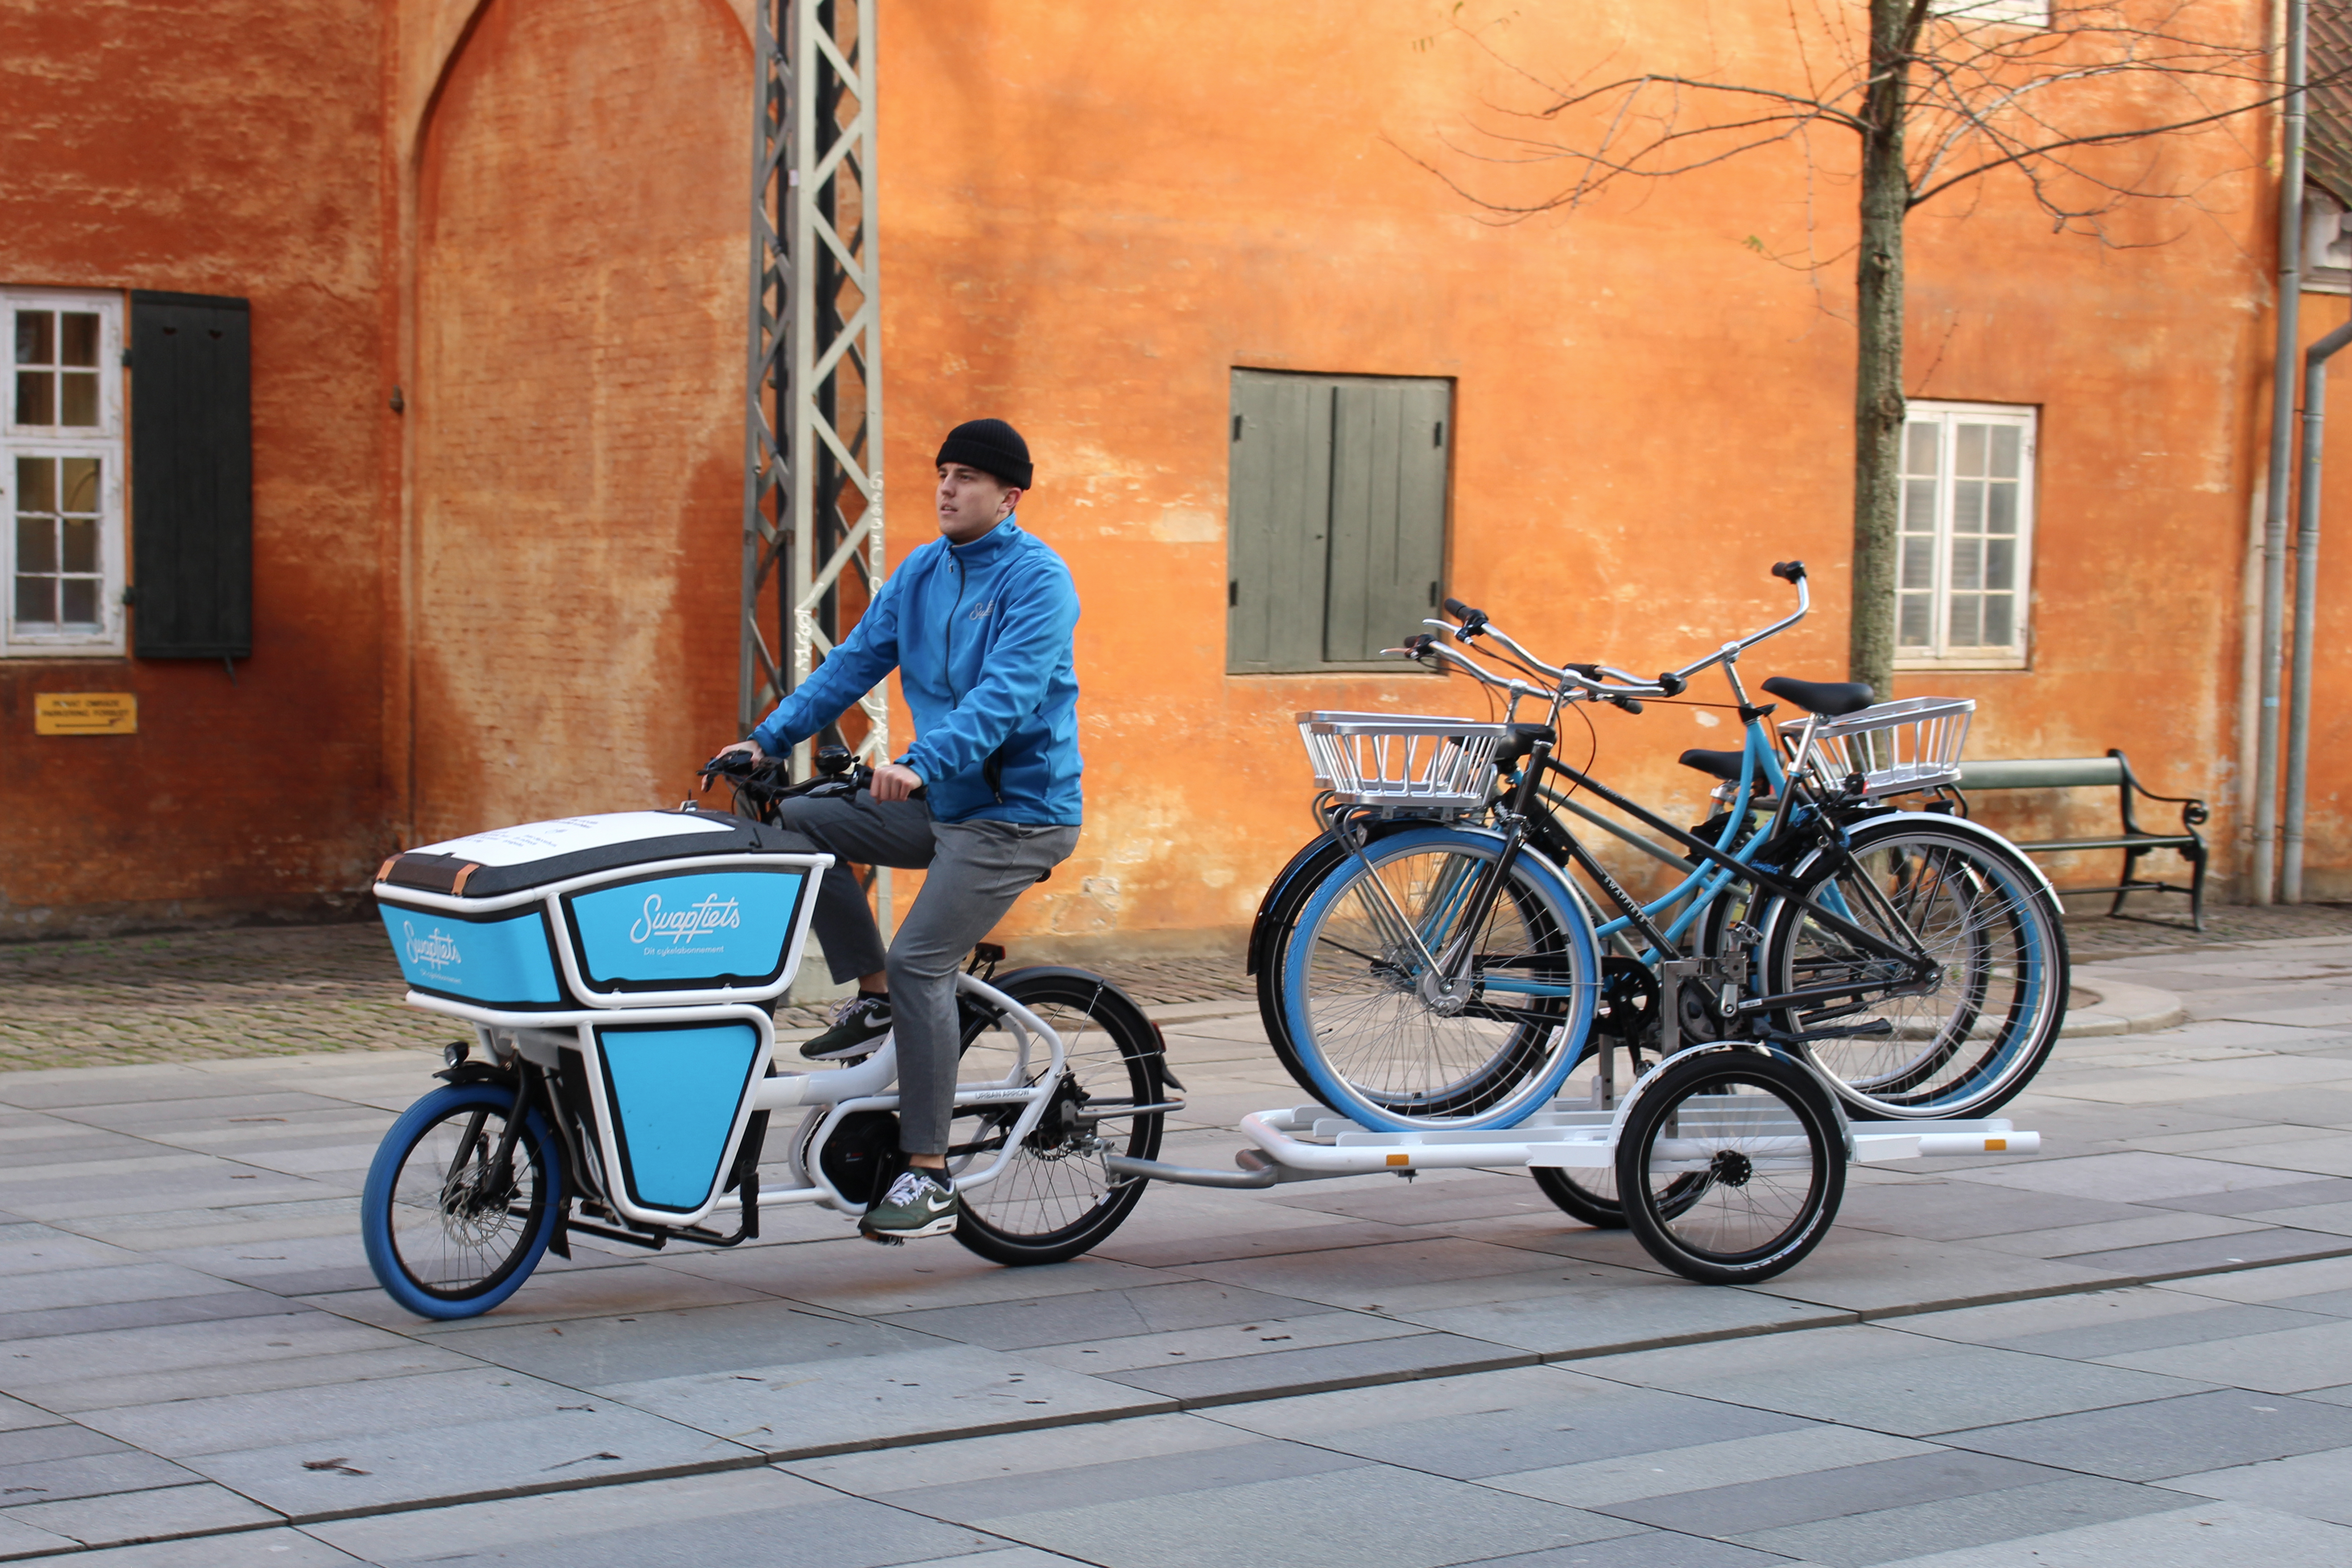 Swapfiets-fiets DK01.jpg